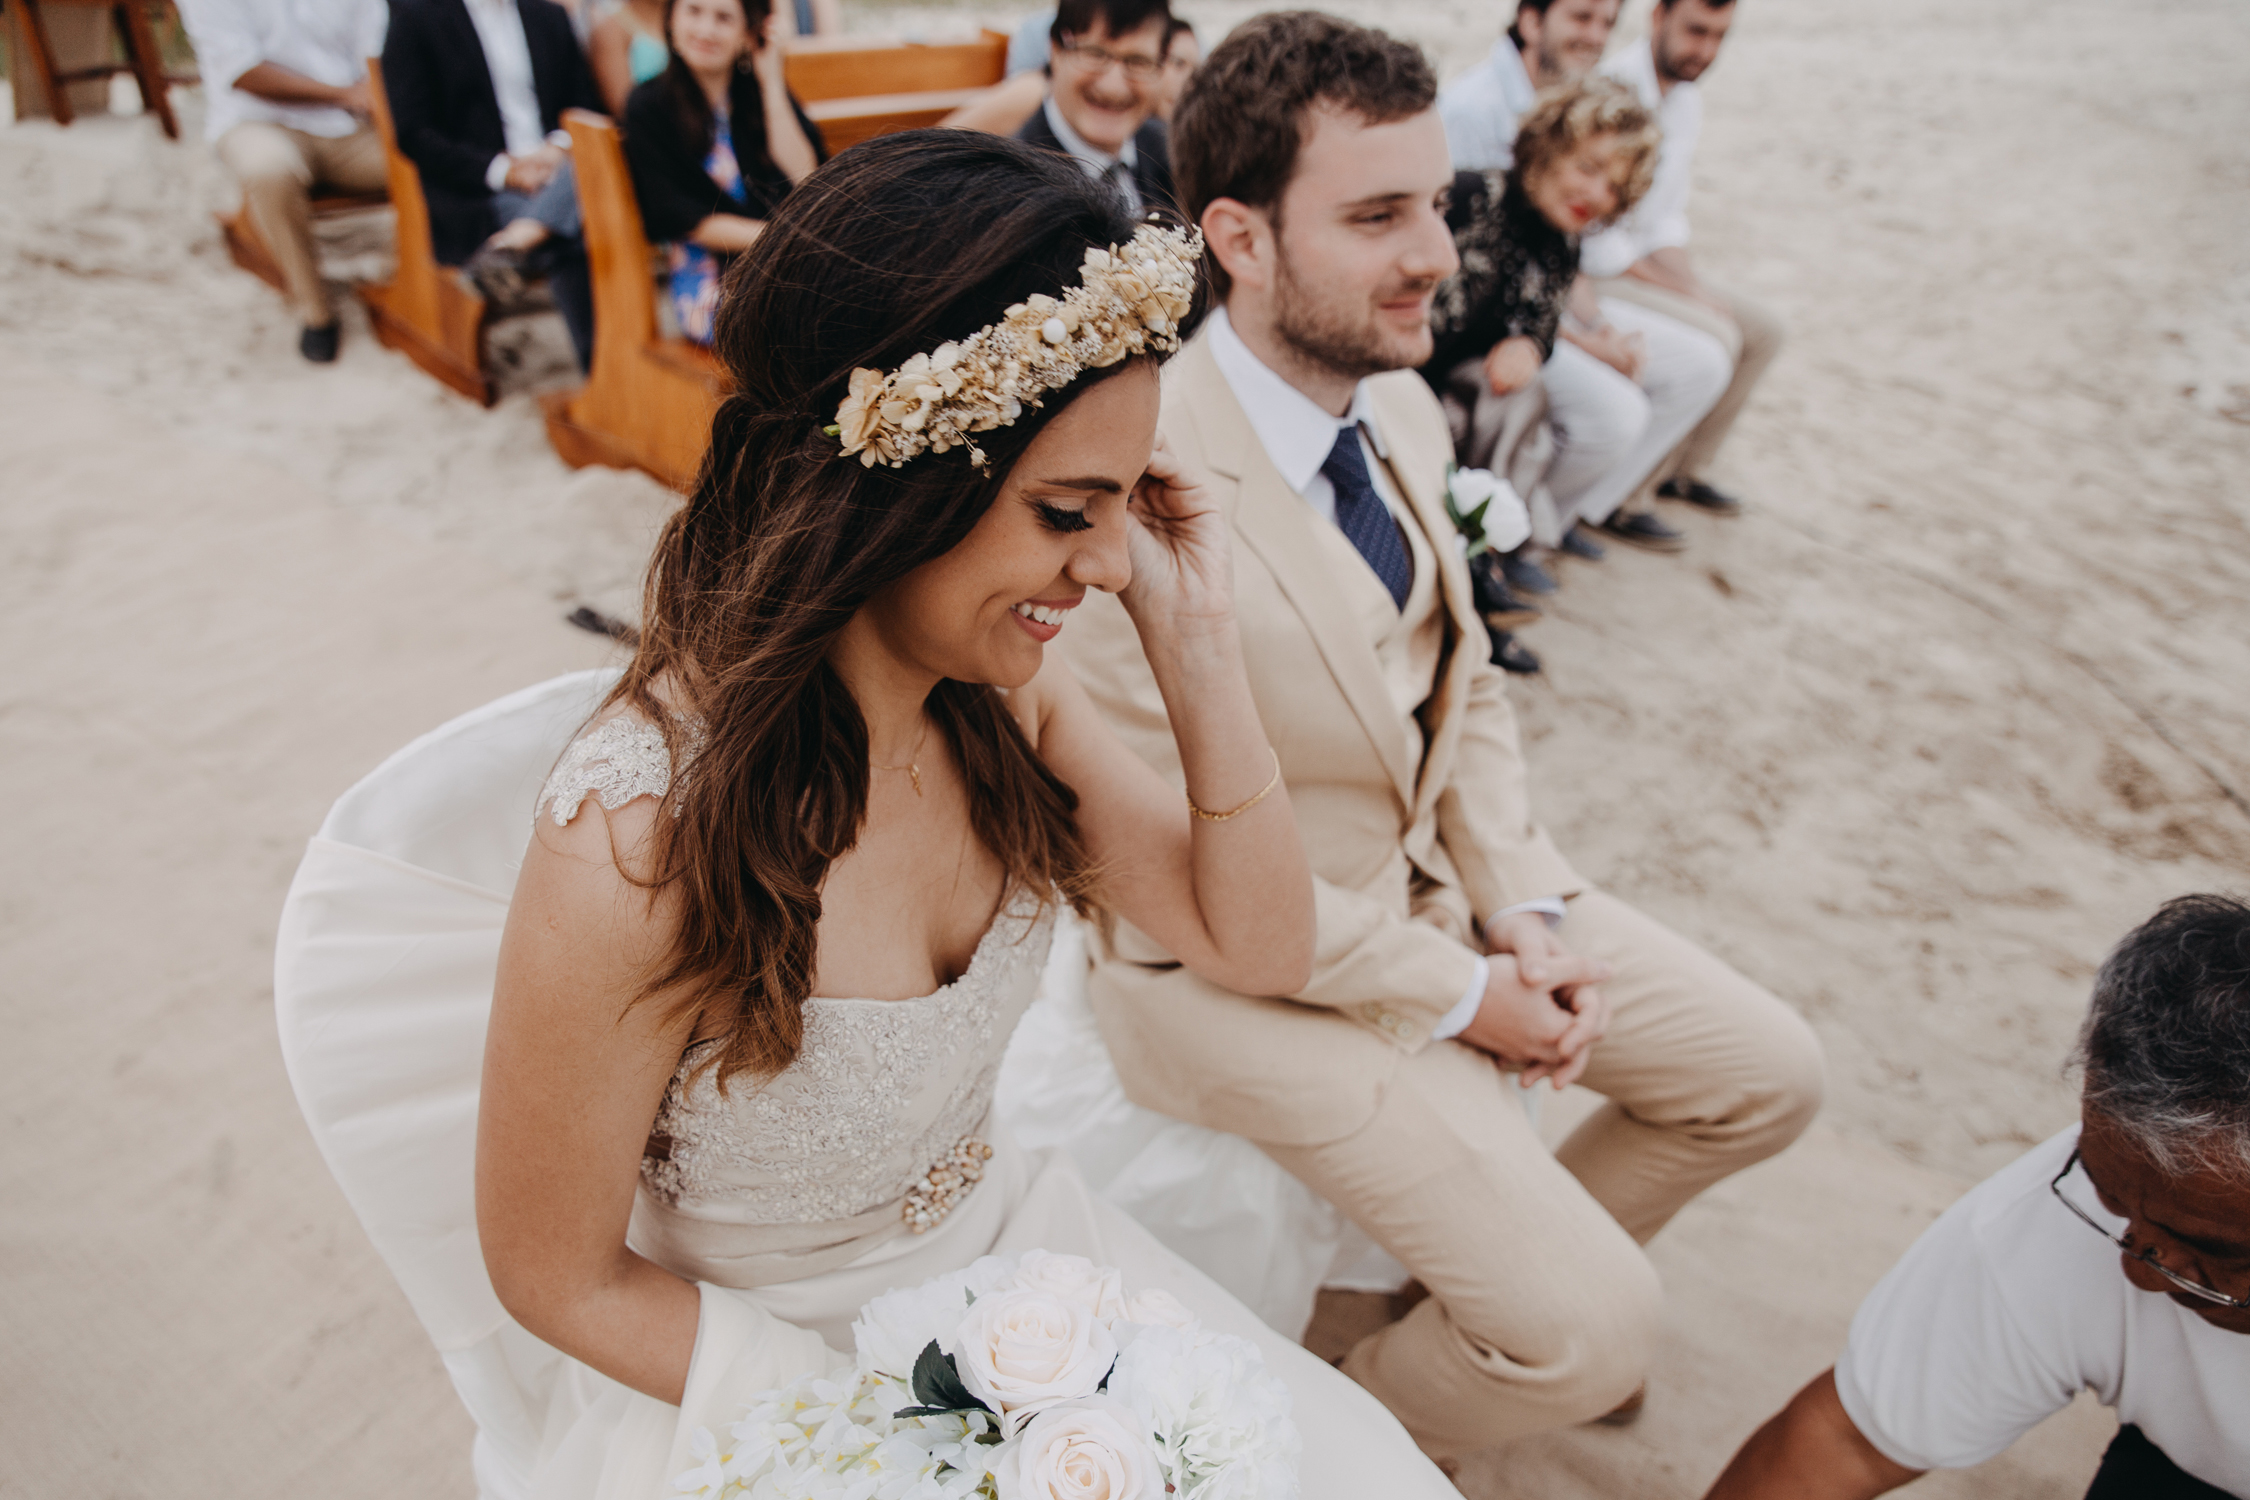 Michelle-Agurto-Fotografia-Bodas-Ecuador-Destination-Wedding-Photographer-Galapagos-Andrea-Joaquin-142.JPG